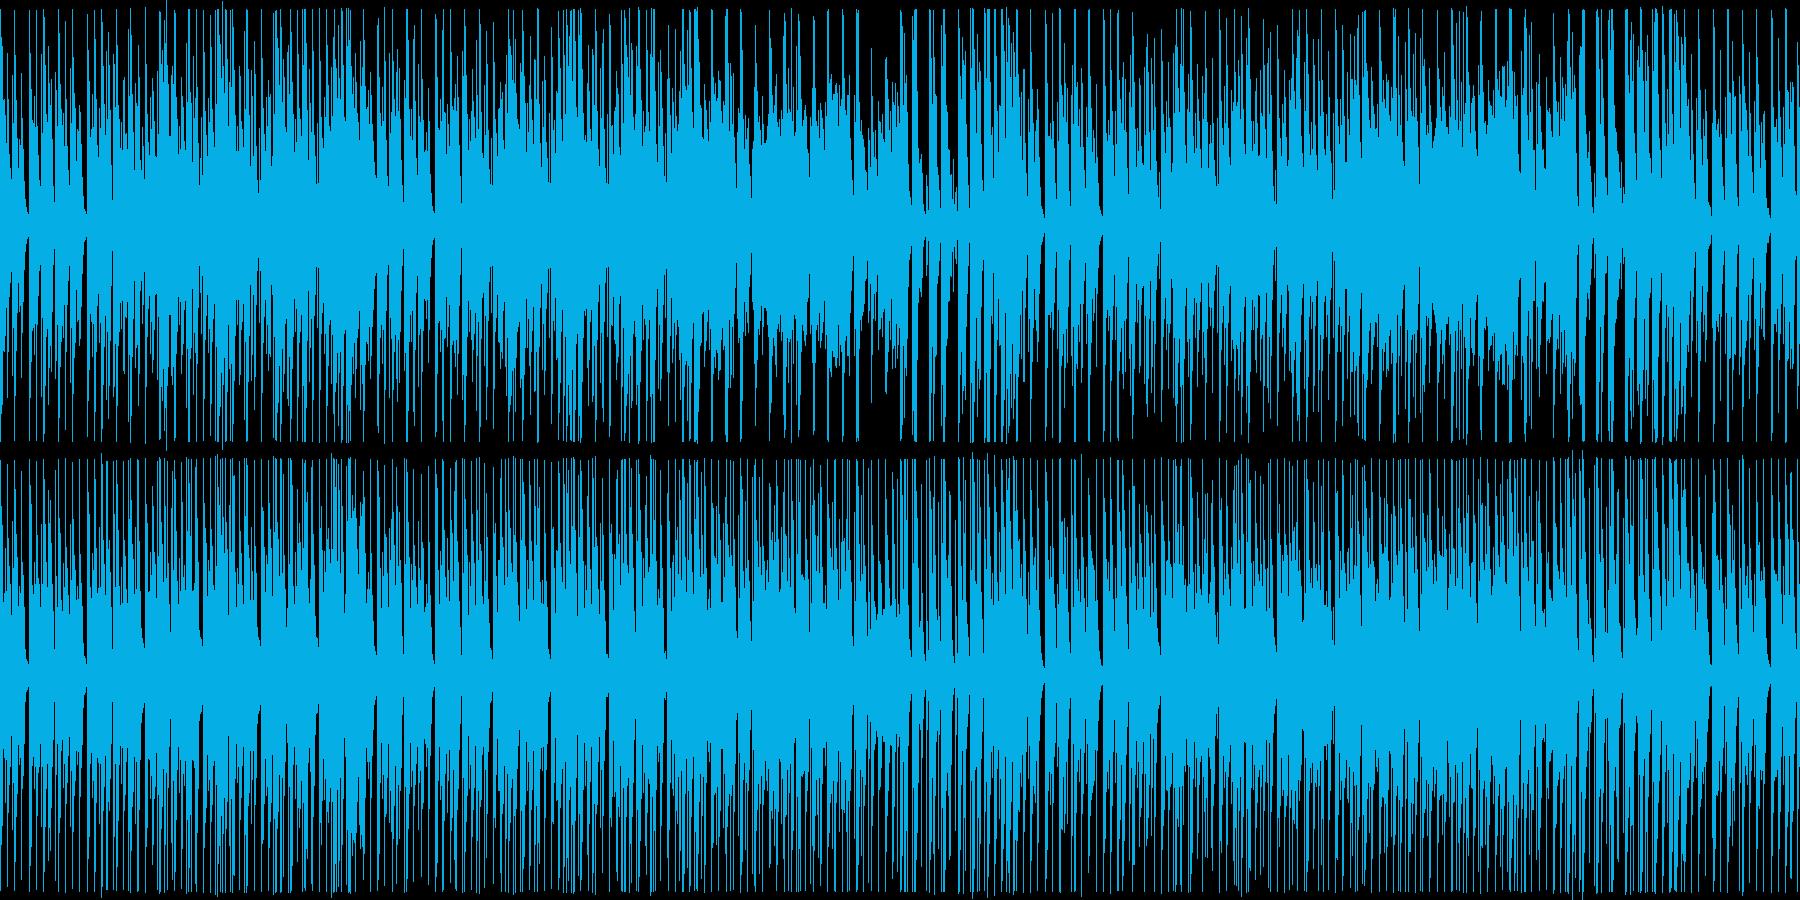 よっこらせとお散歩するようなほのぼの曲の再生済みの波形